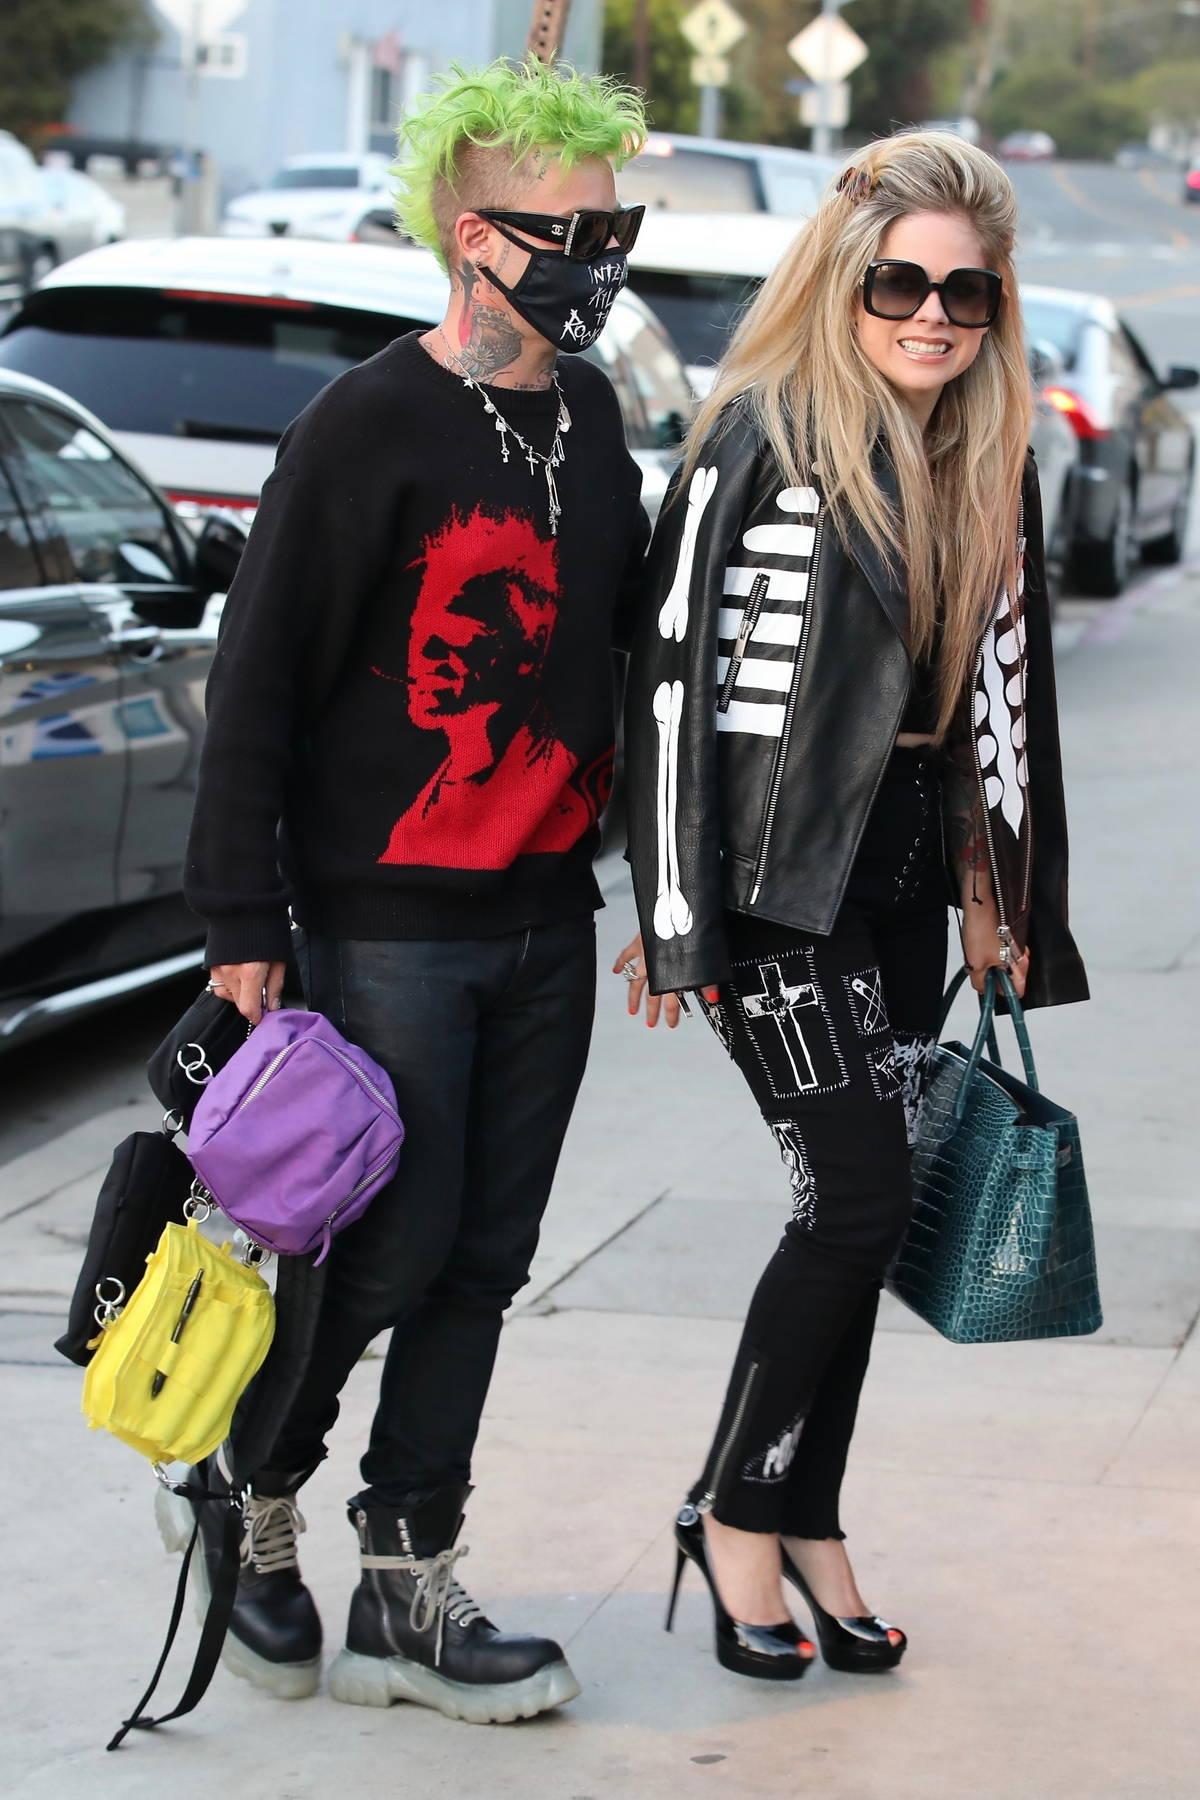 Avril Lavigne and Mod sun enjoy a romantic dinner at Giorgio Baldi in Santa Monica, California